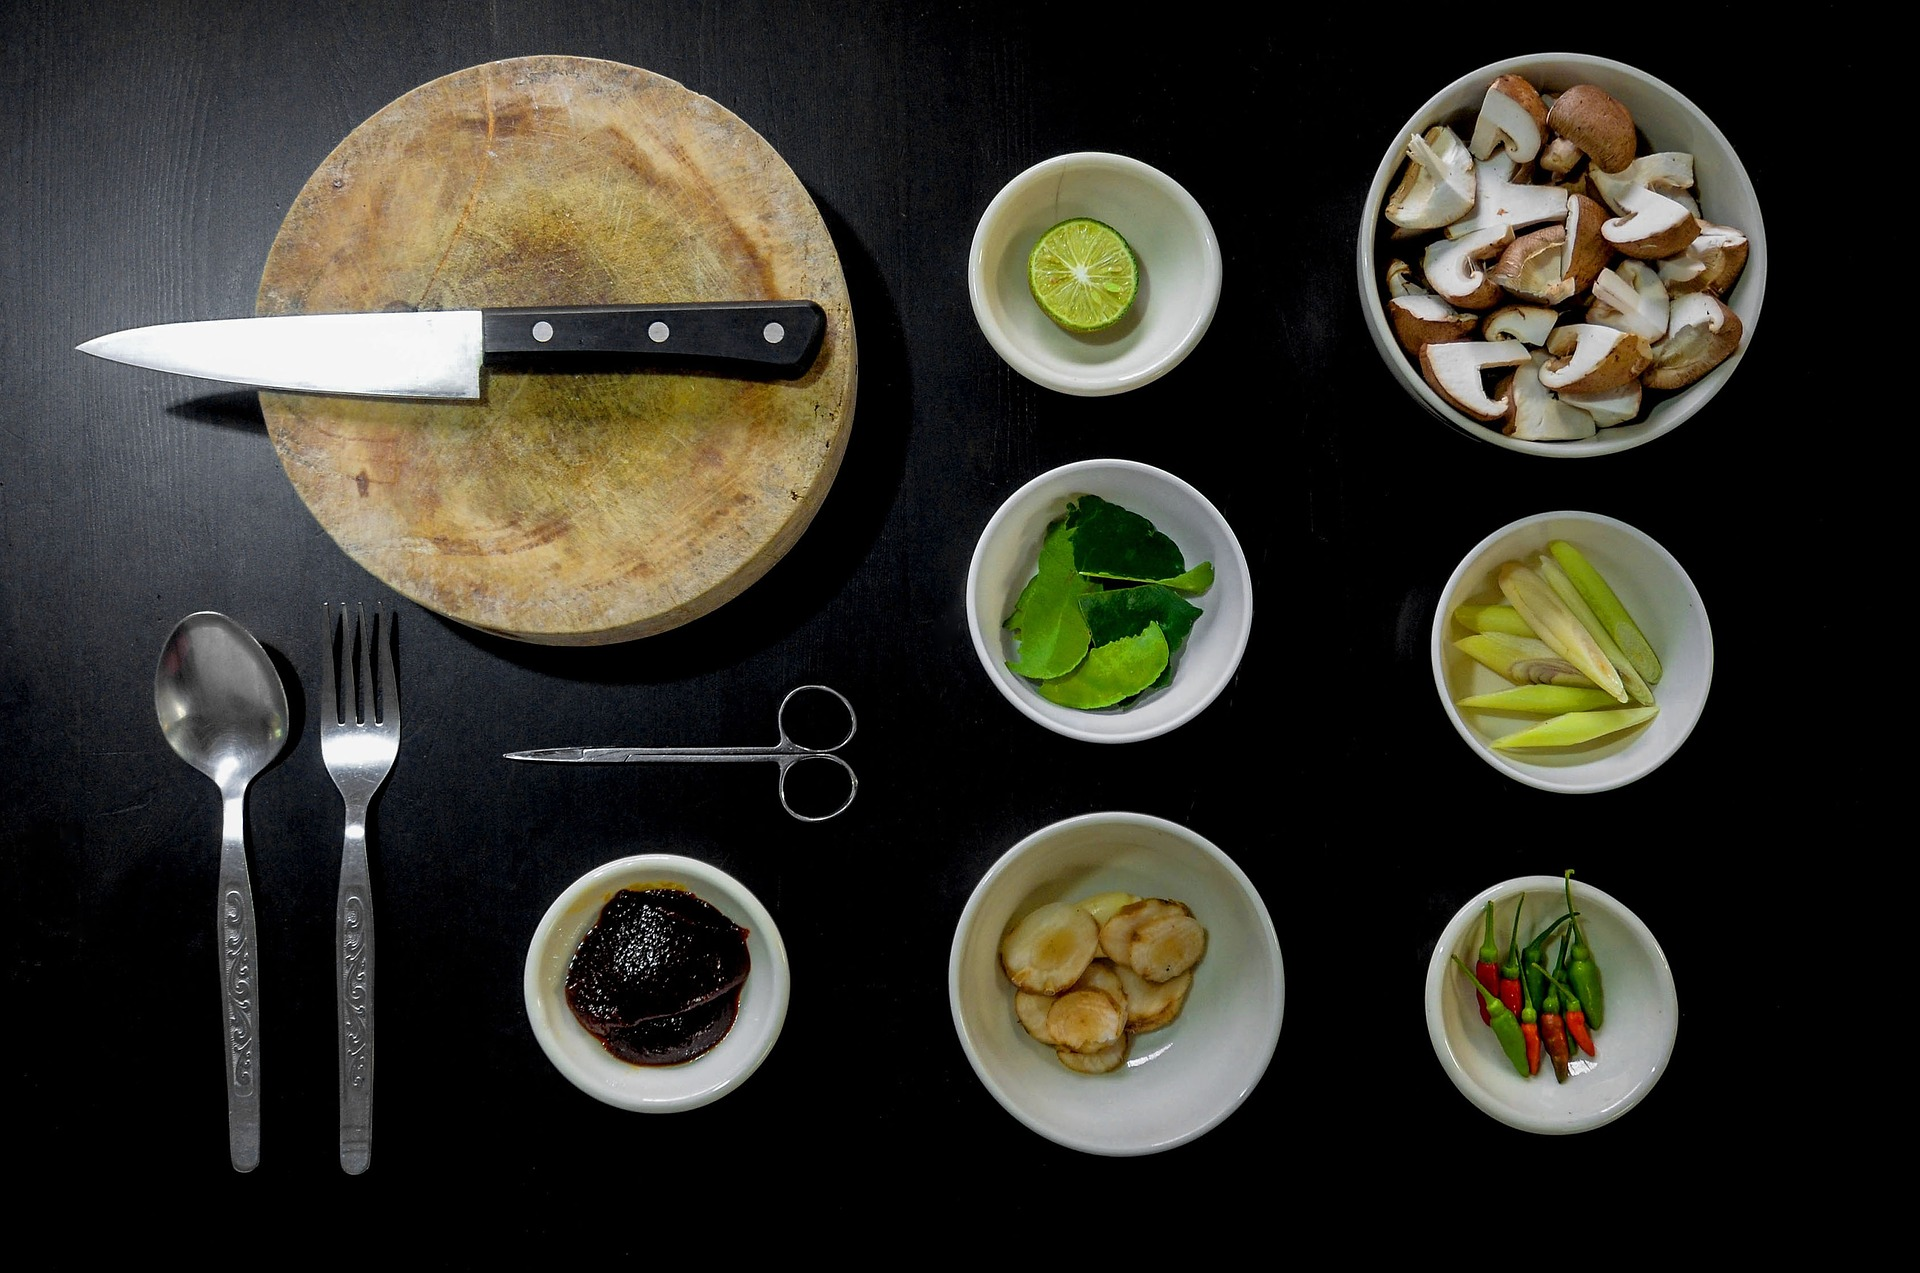 Les aliments clés de l'équilibre alimentaire